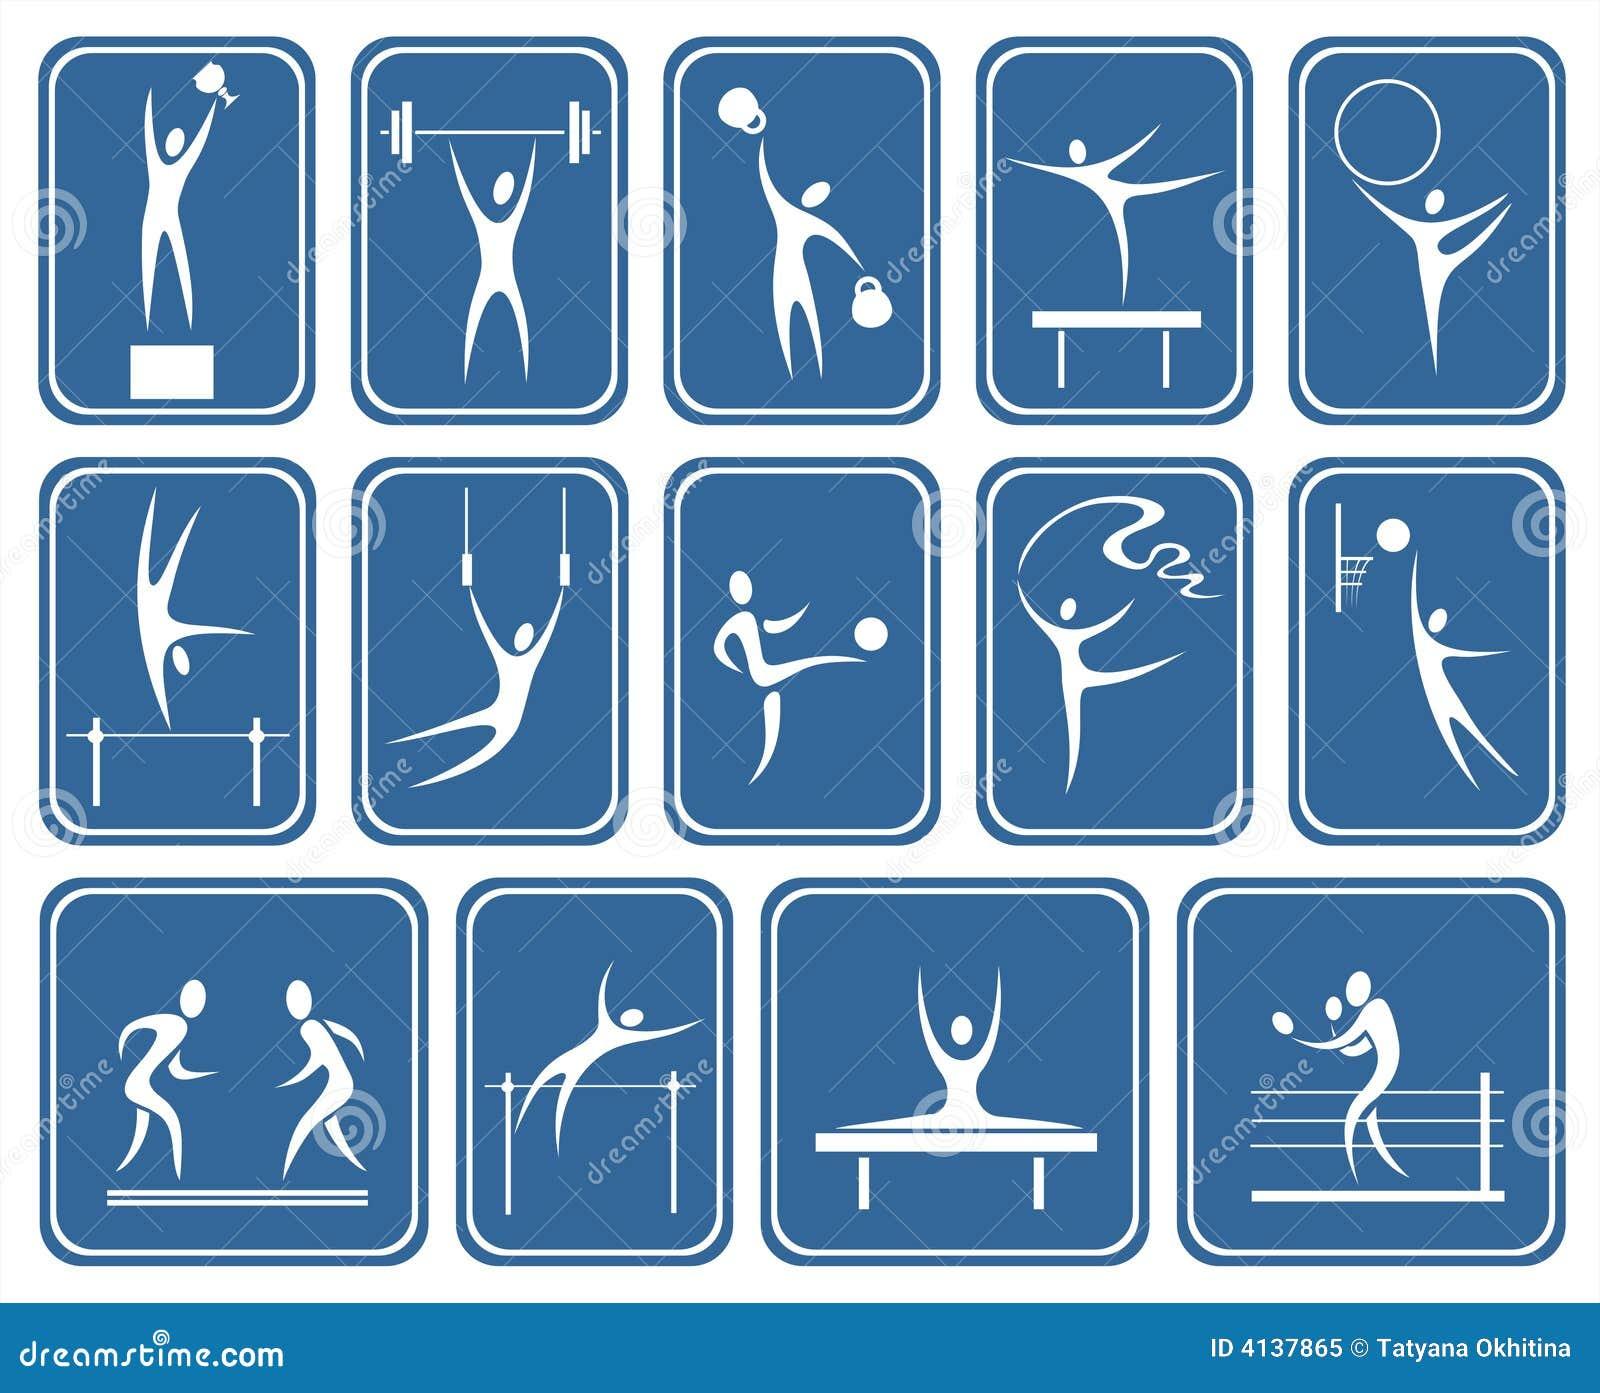 体育项目田径分类_体育分类有哪些_体育的分类